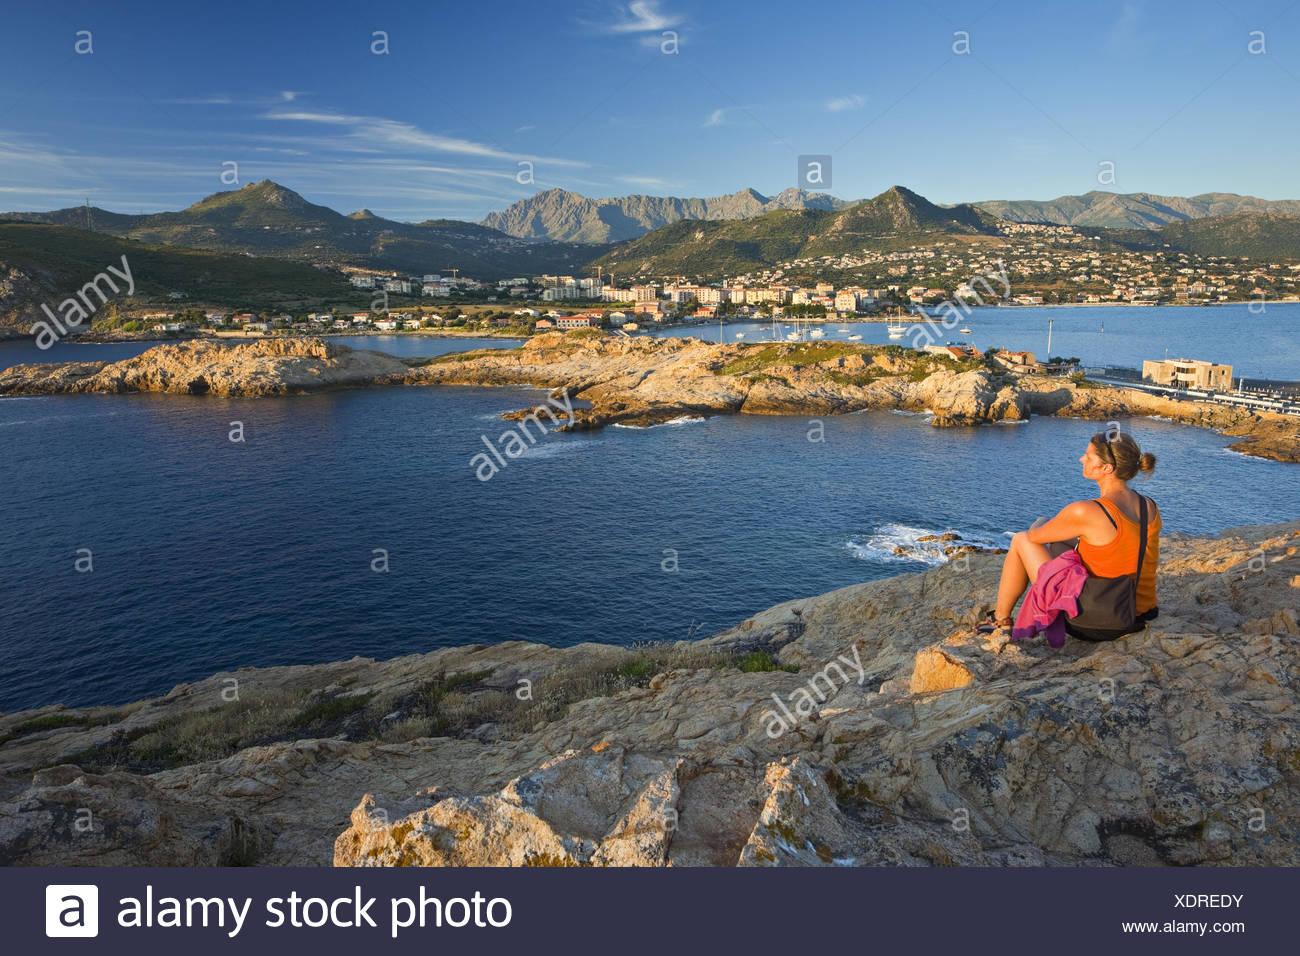 La France, la Corse, L'Ile Rousse, rock côte, femme, relaxation, vue de dos, Photo Stock